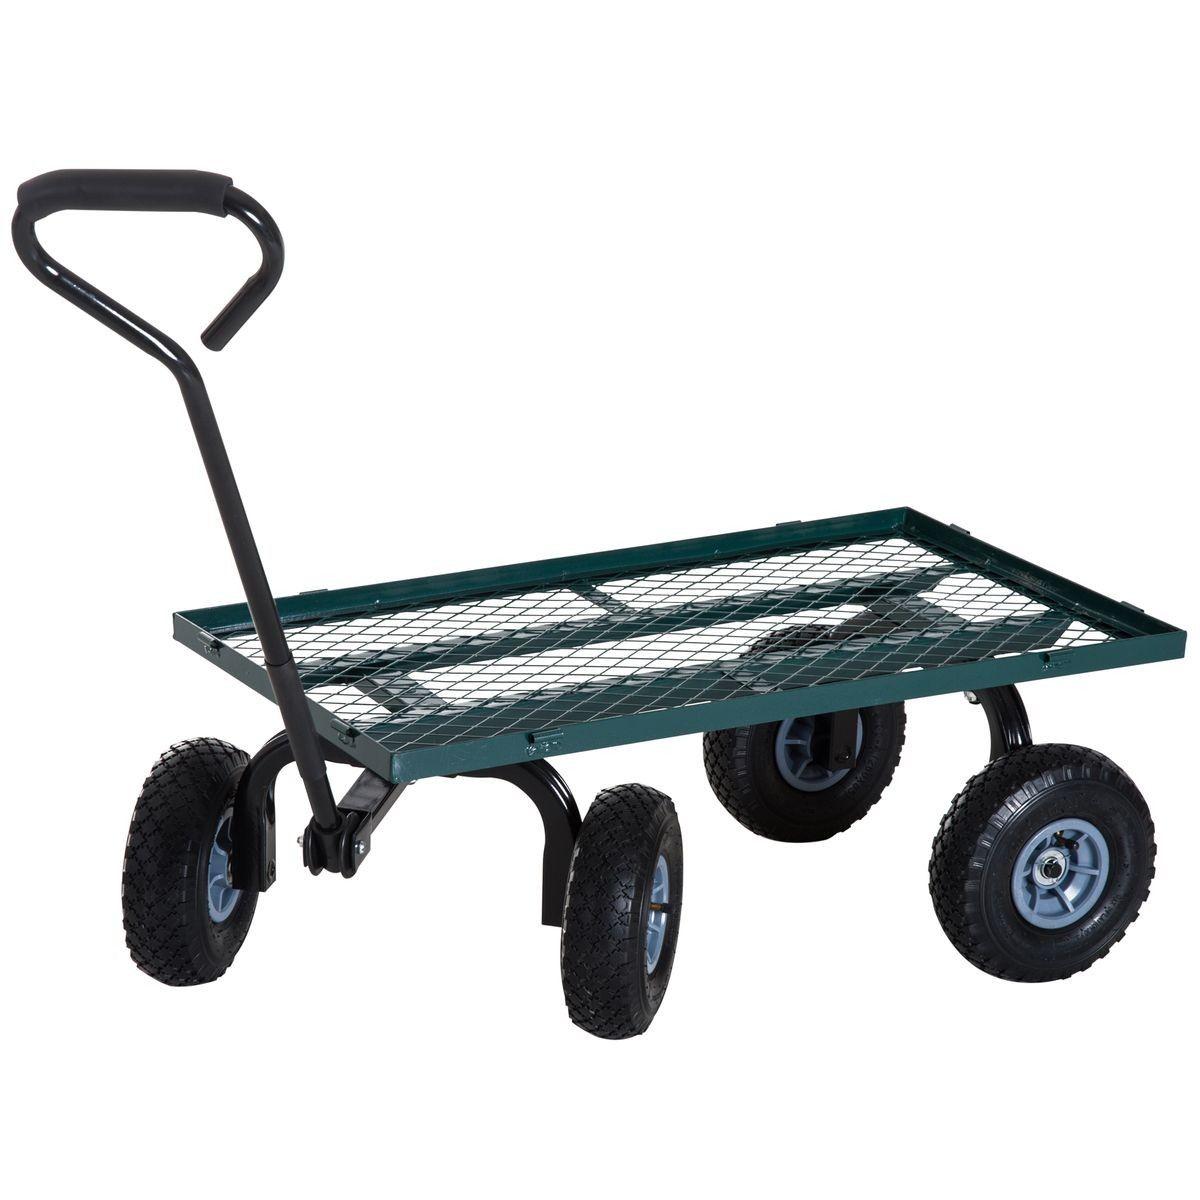 Chariot De Transport Jardin 4 Roues Vert | Chariot De ... avec Chariot De Jardin 4 Roues